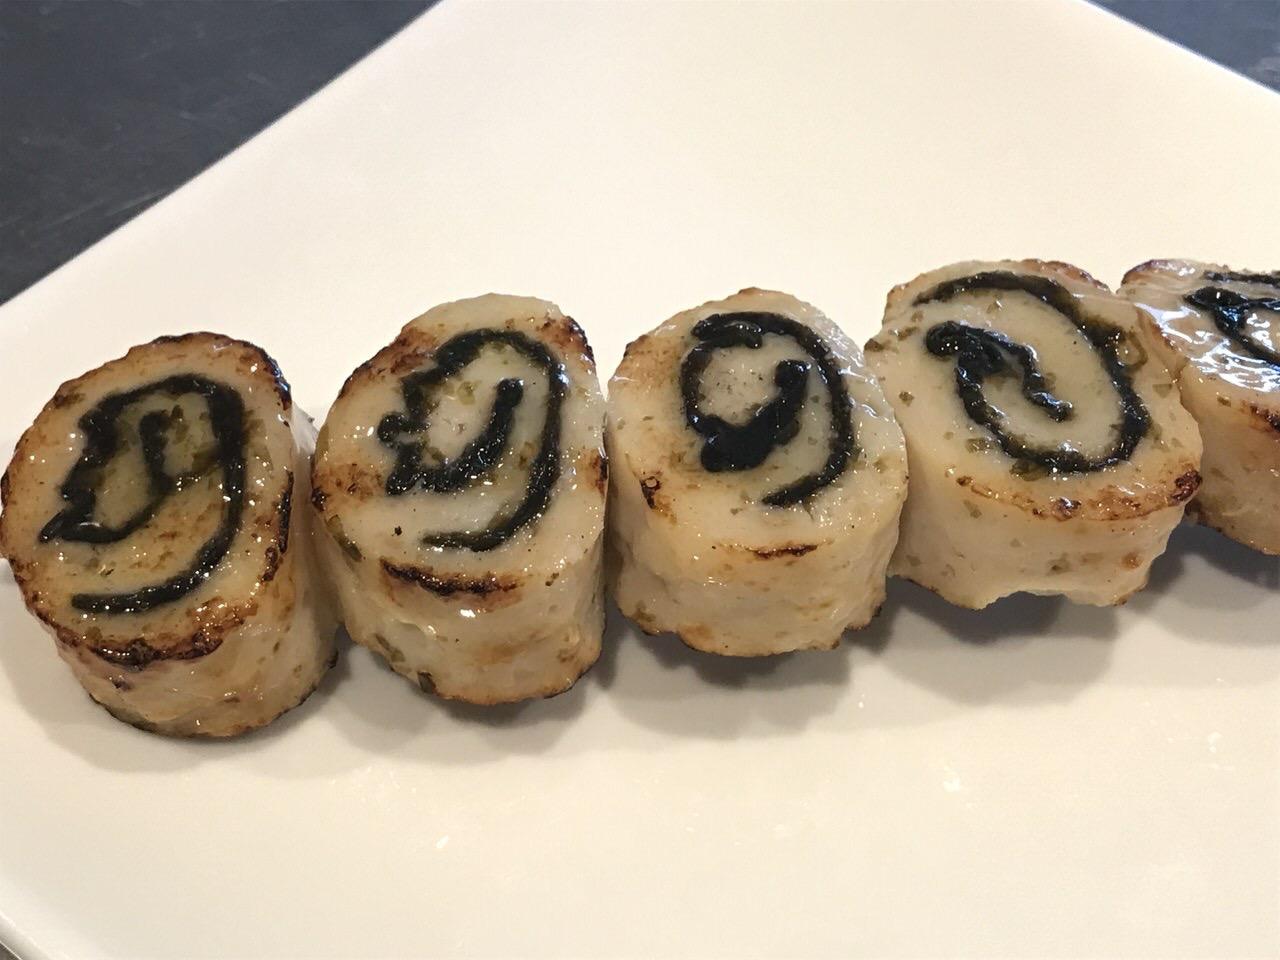 【ローソン】でか焼鳥「鶏むねの海苔と柚子こしょう巻き」